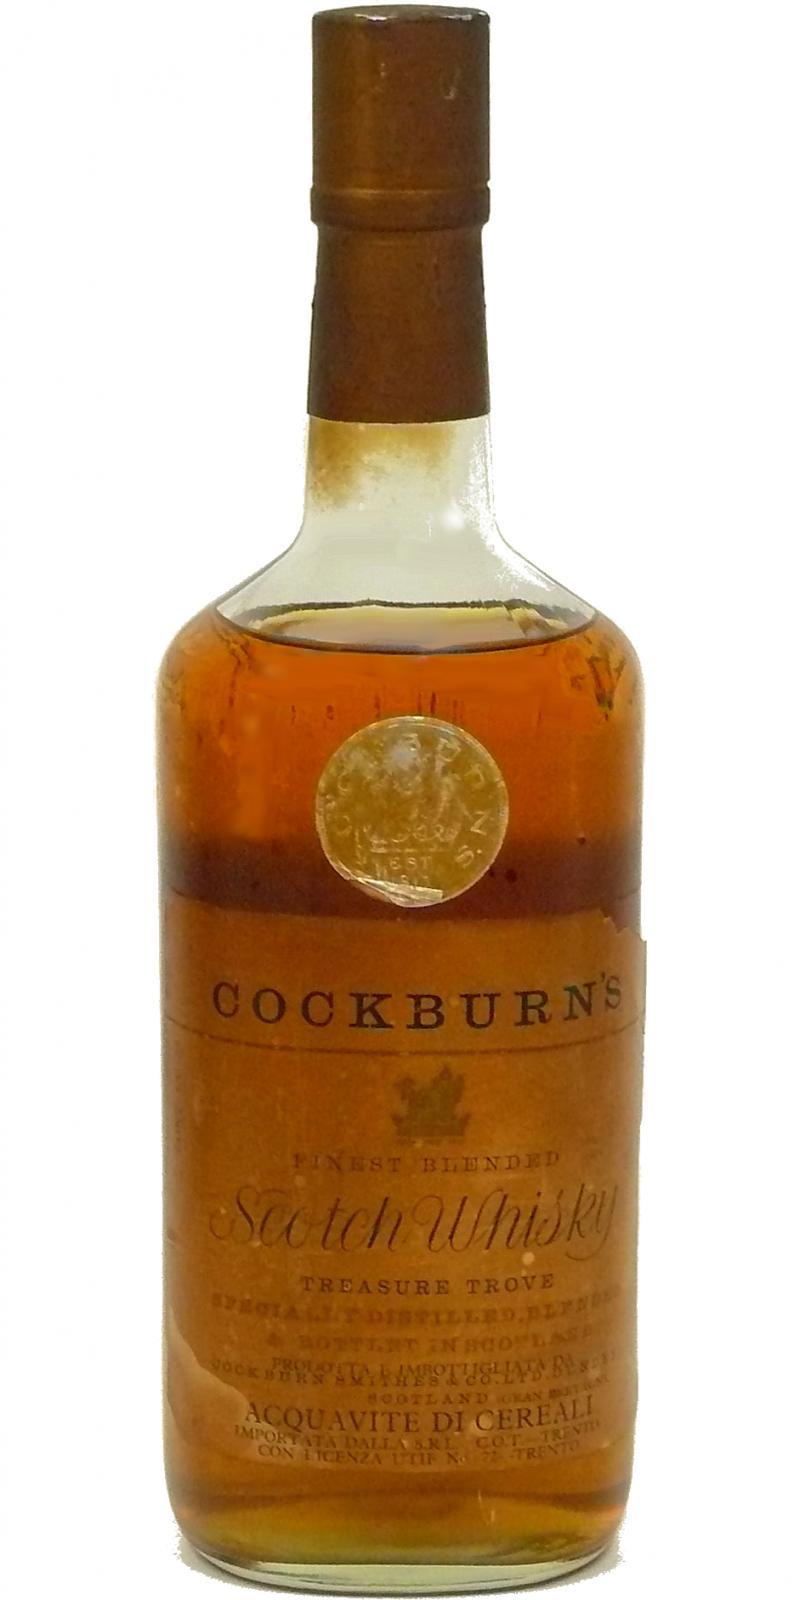 Cockburn's Finest Blended Scotch Whisky